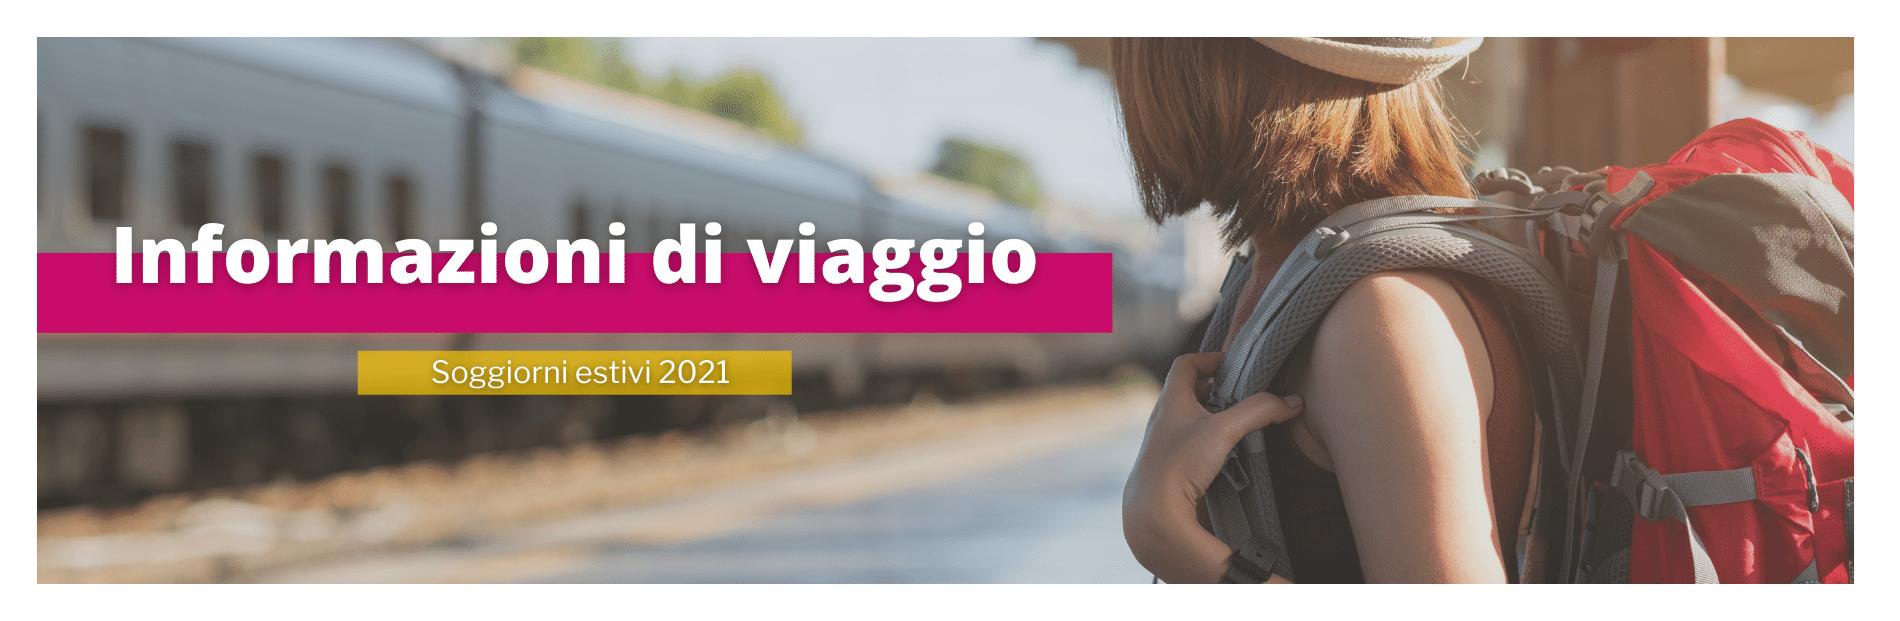 Estate INPSieme Italia Soggiorni Estivi | La Mia Estate Giocamondo-Home-LME-5